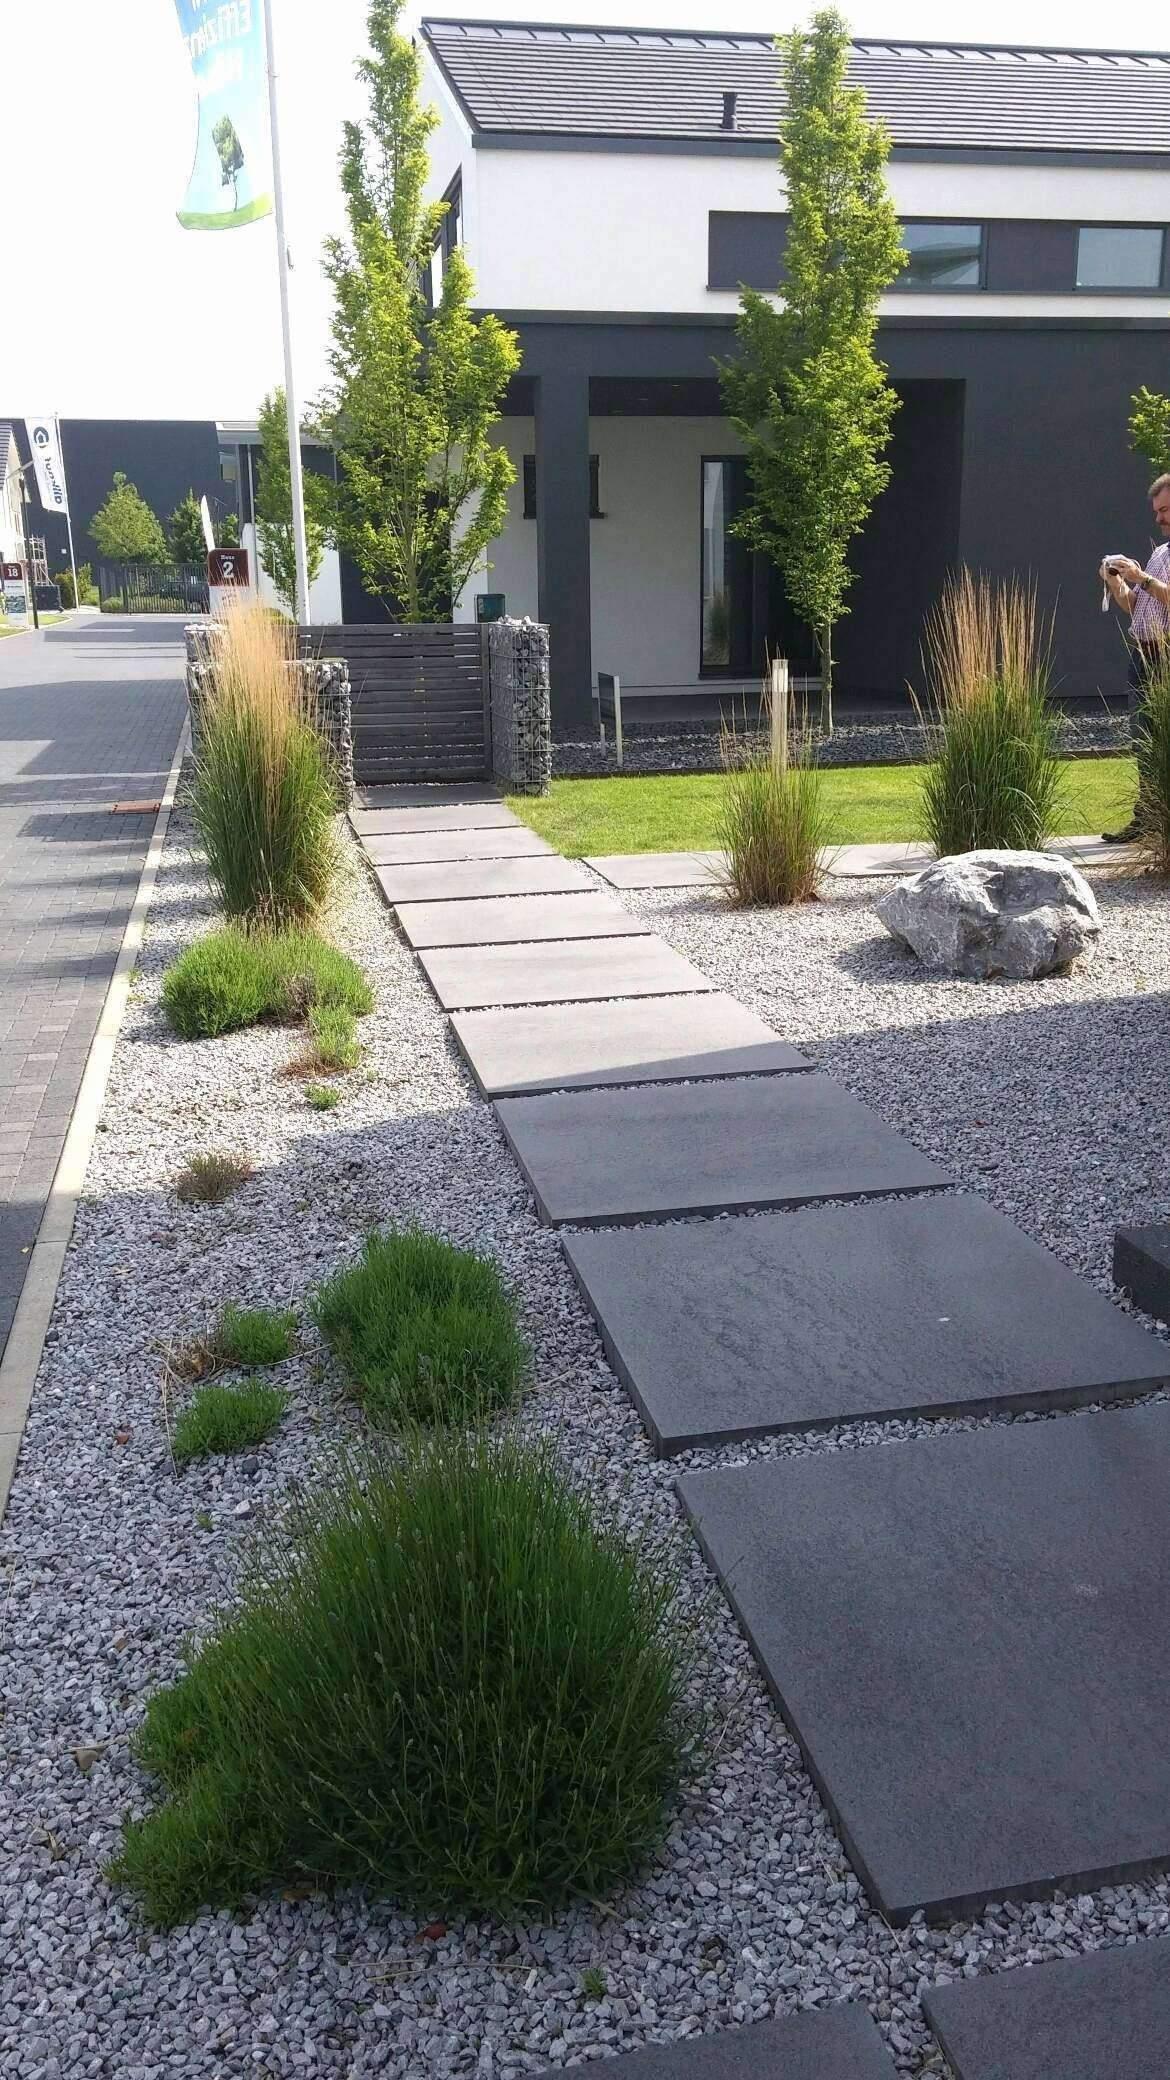 Japanischer Garten Anlegen Elegant 27 Neu Garten Gestalten Beispiele Inspirierend